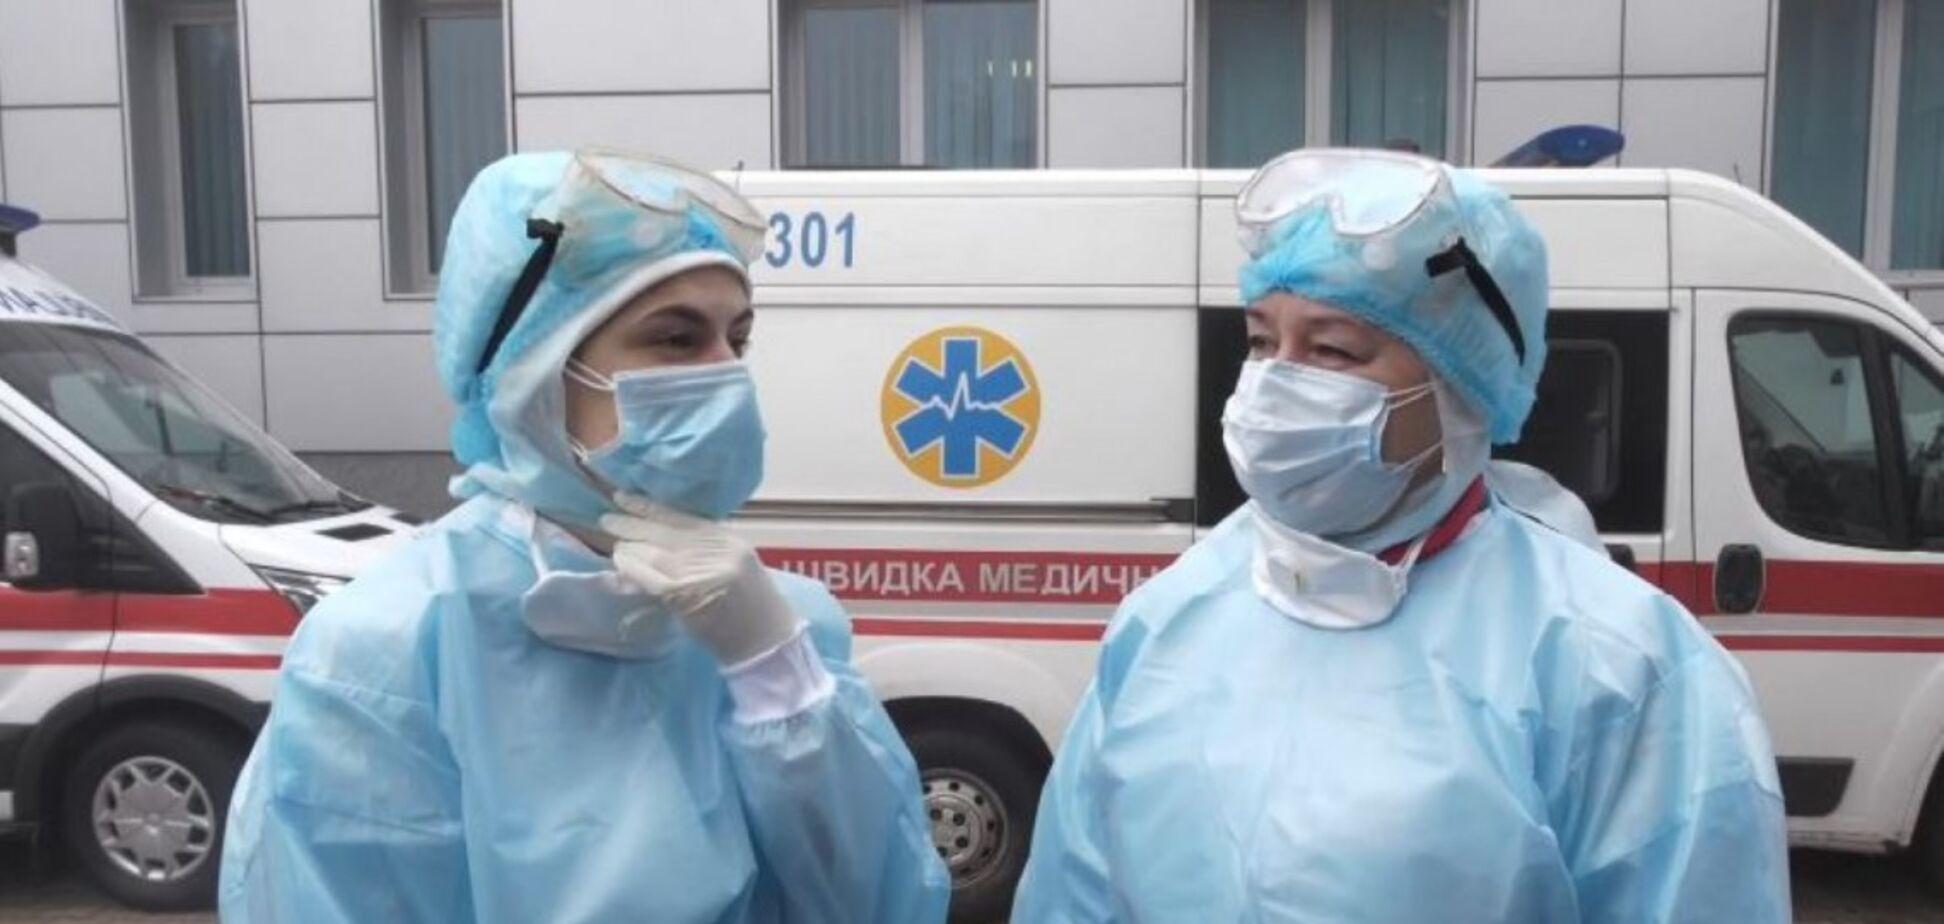 Коронавірусом в Україні заразилися 418 осіб